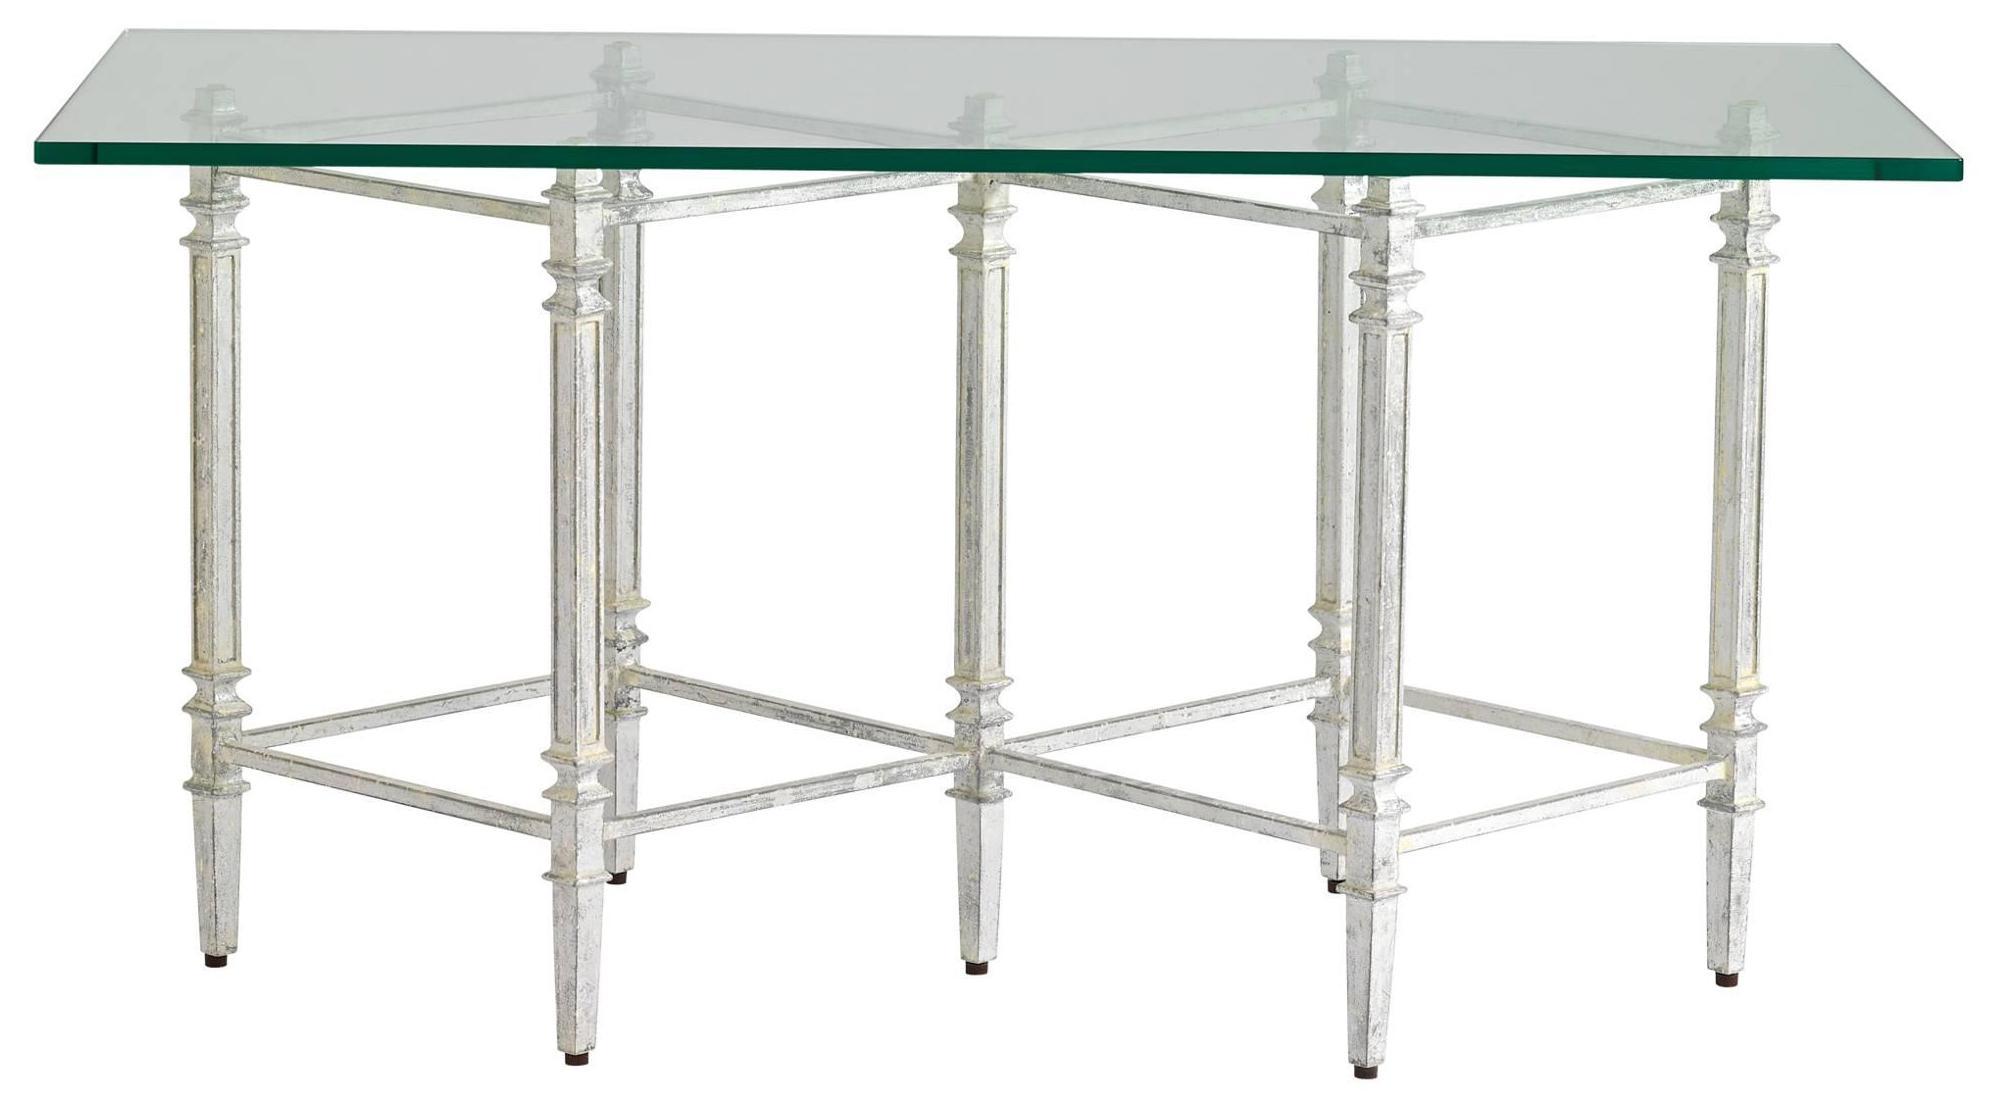 Stanley Furniture Preserve Gardiner Cocktail Table - Item Number: 340-45-01